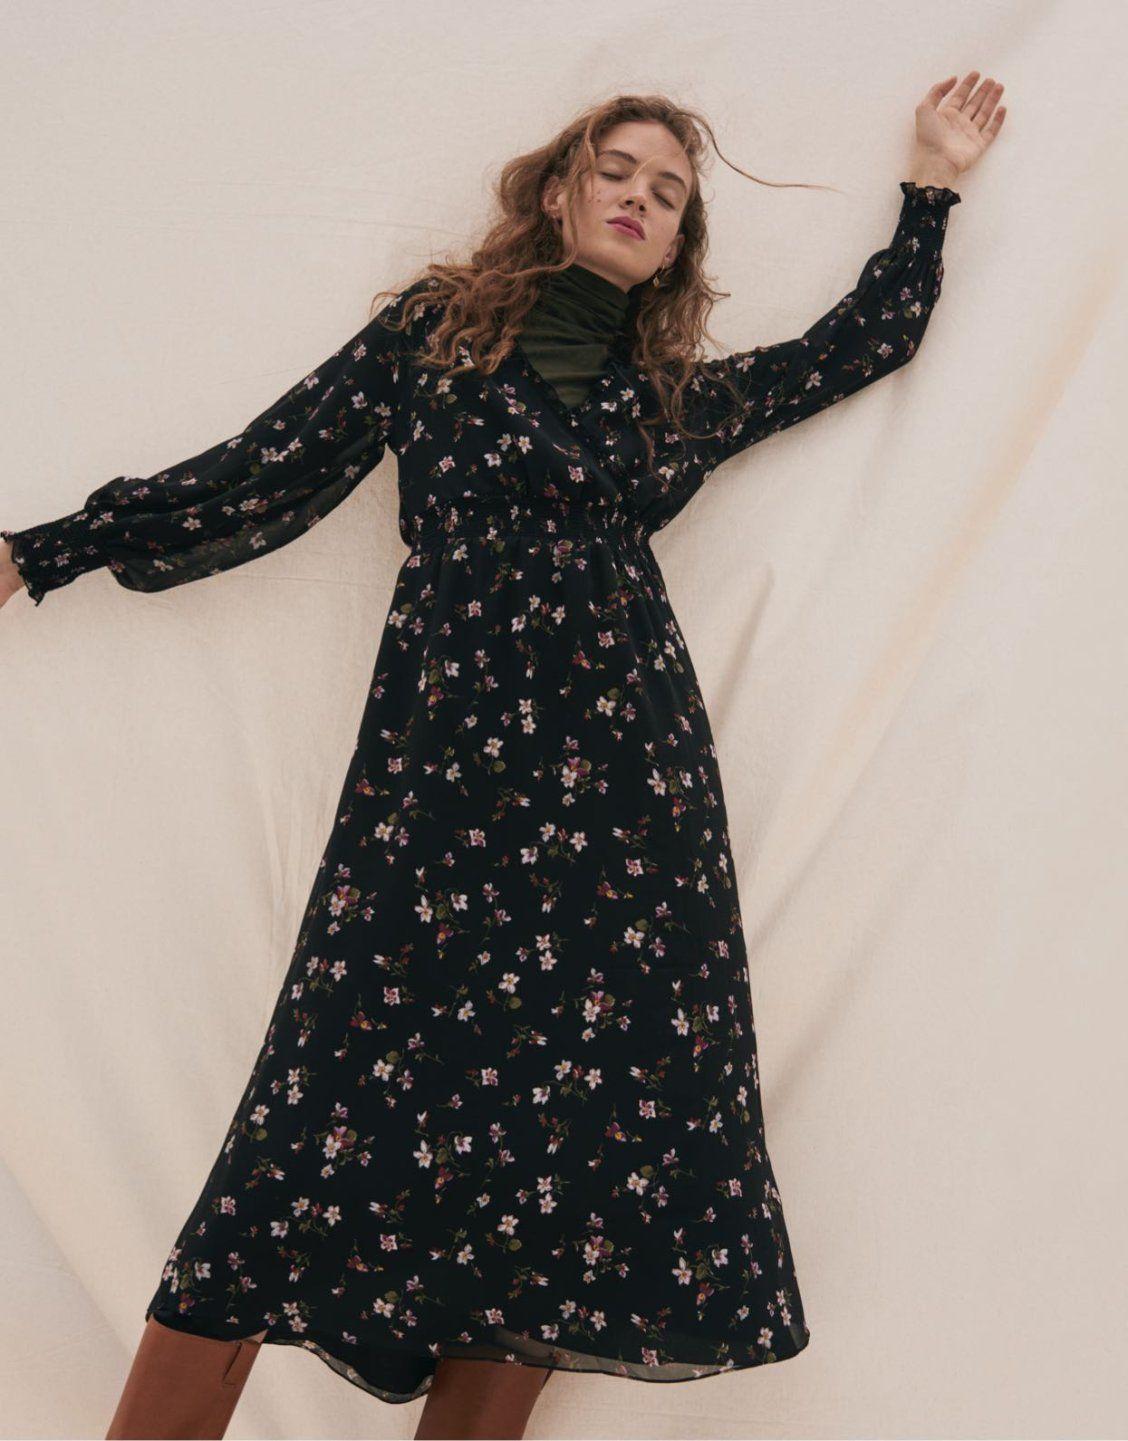 Georgette Smocked Midi Dress In Backyard Blooms Midi Dress Dresses Fashion [ 1441 x 1128 Pixel ]